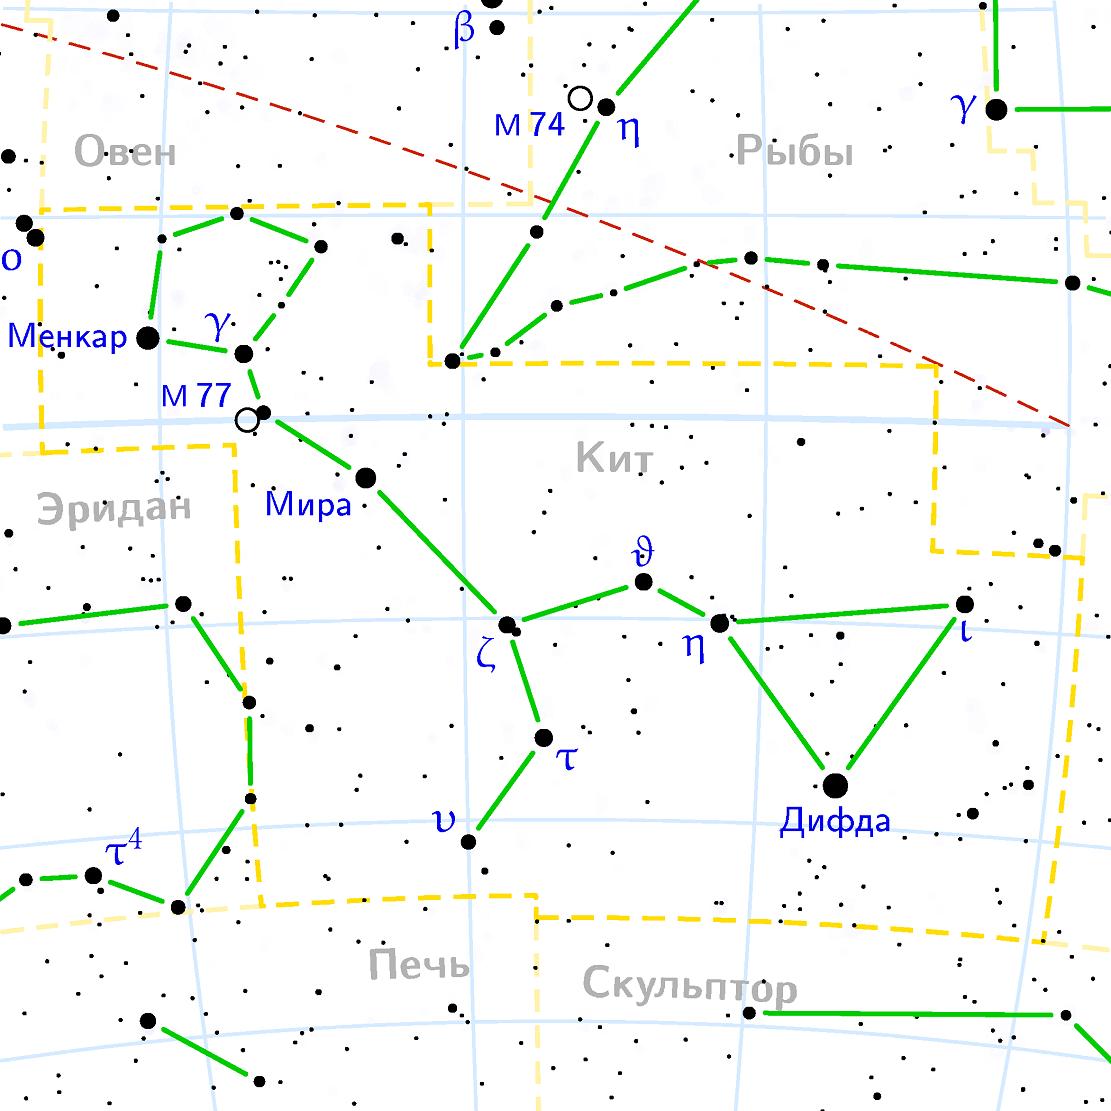 Положение галактики 77 в созвездии Кита